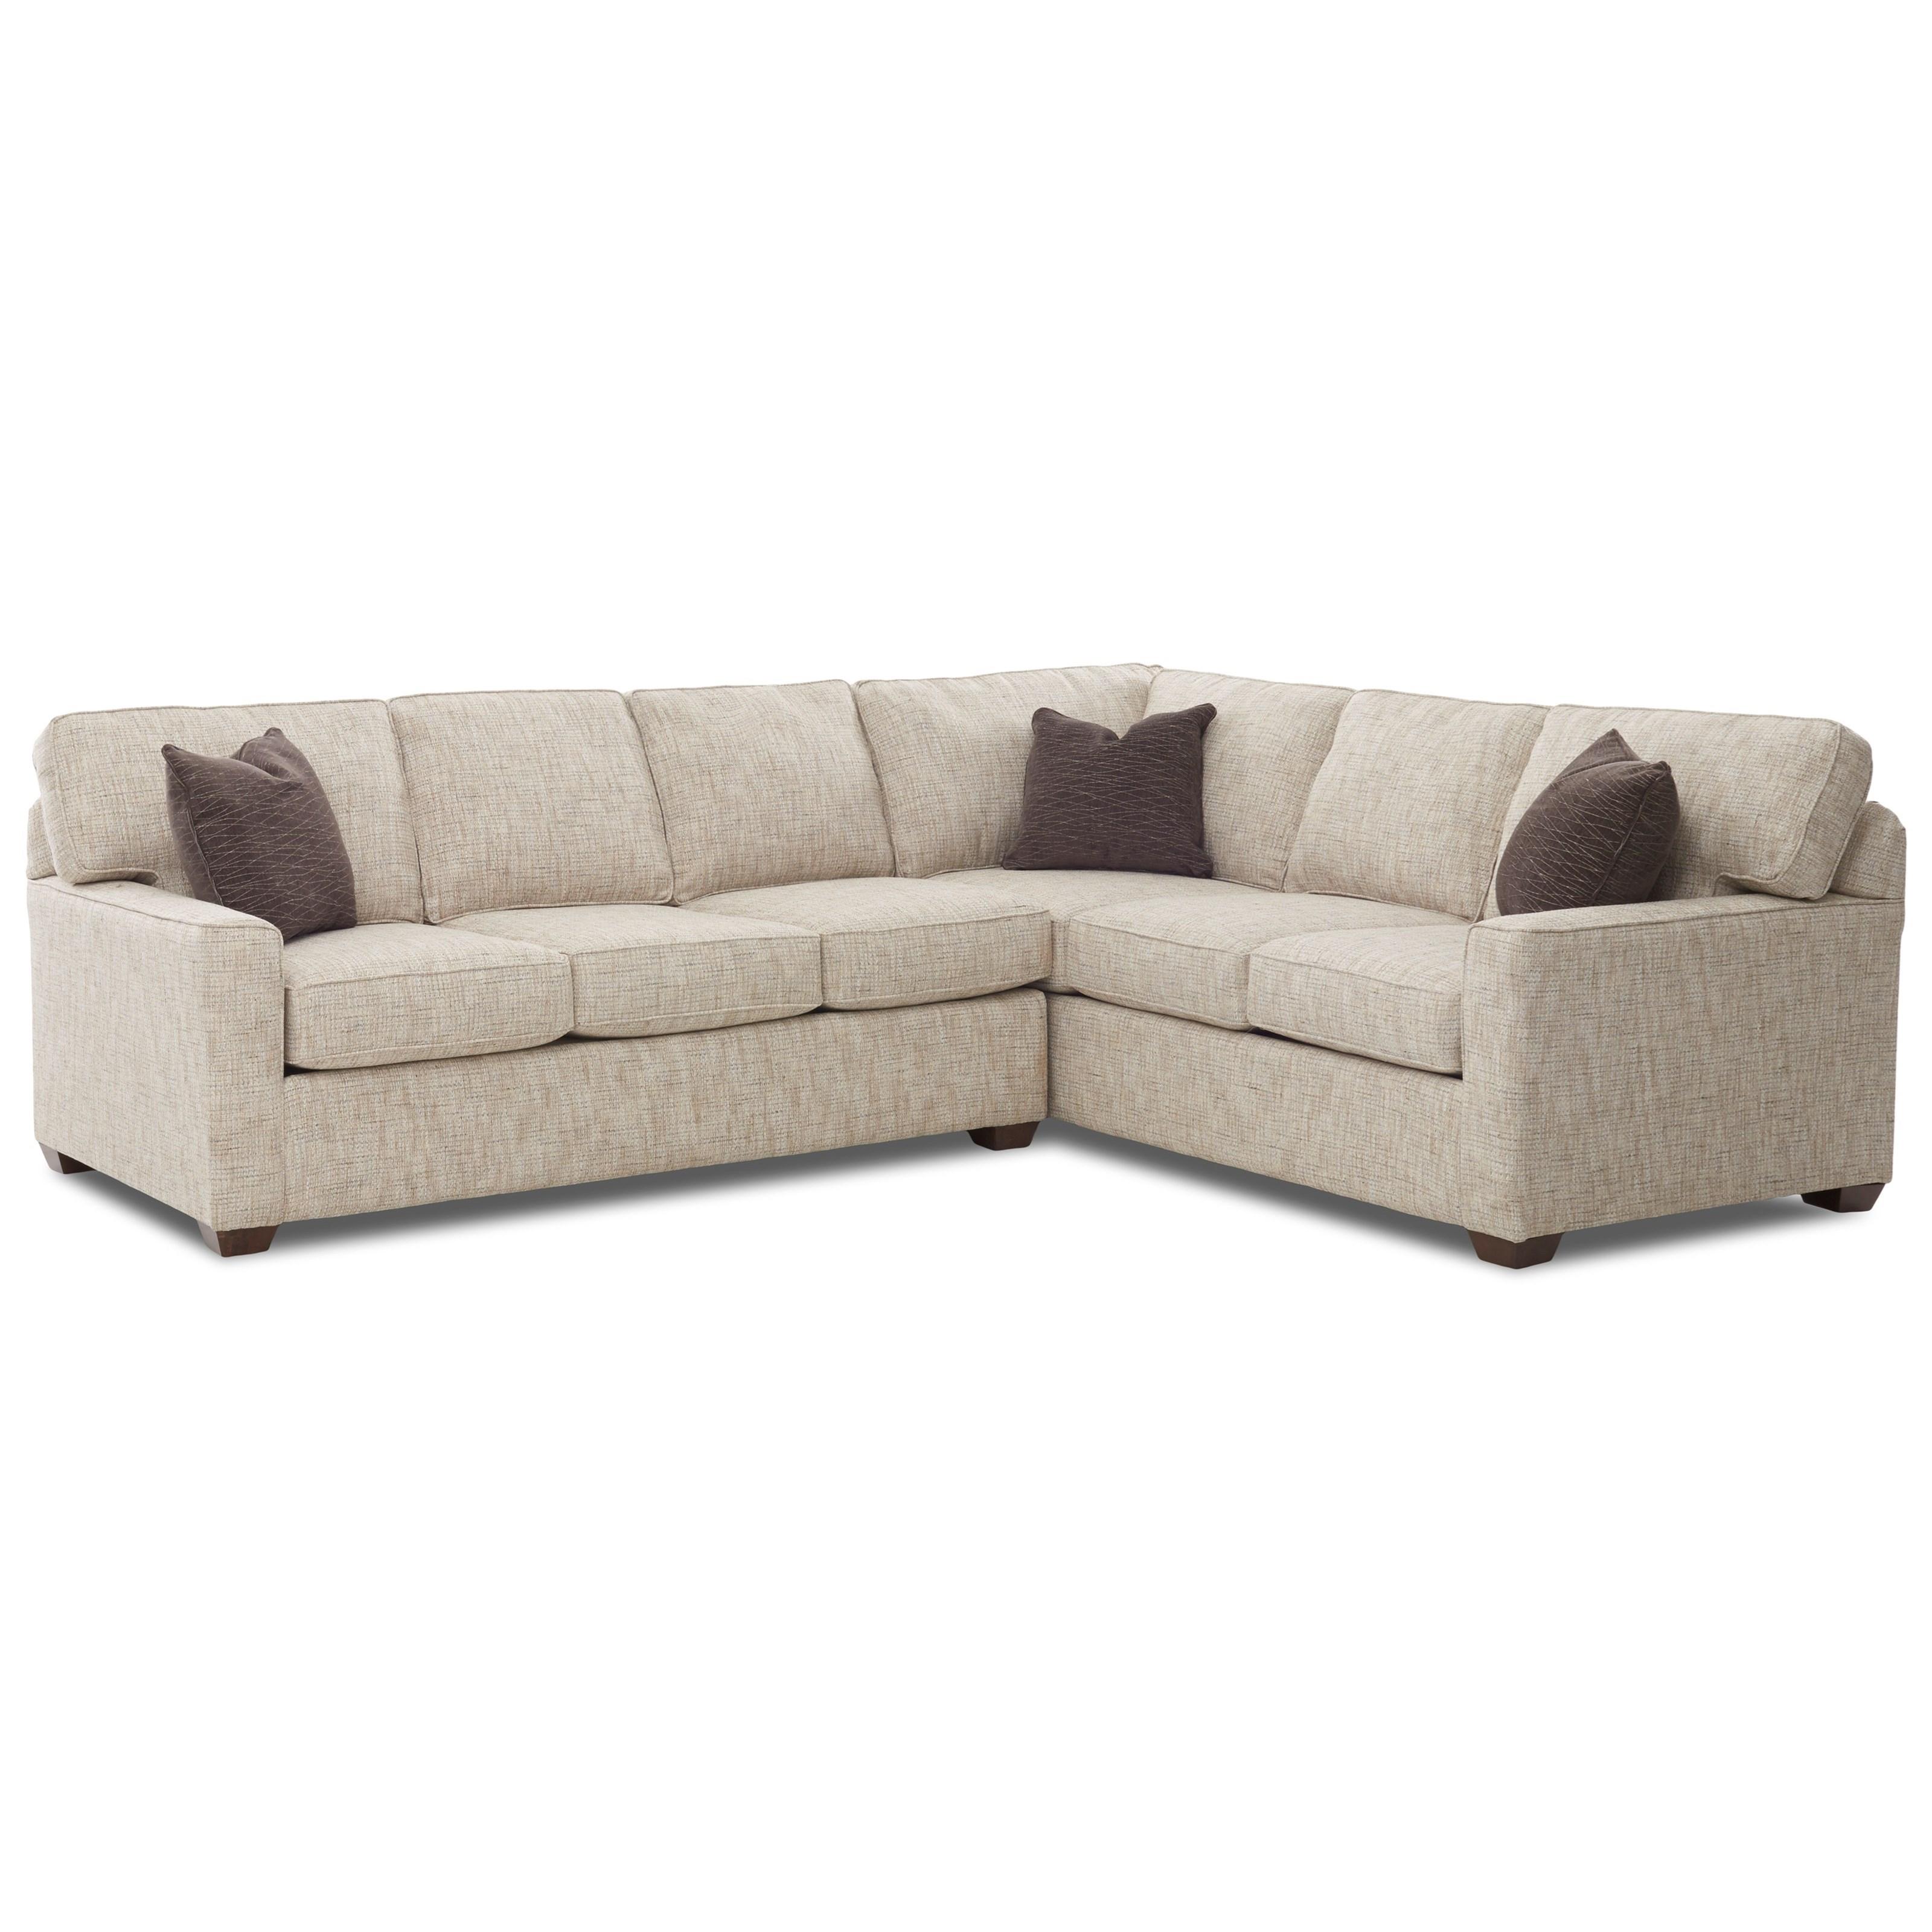 Klaussner Pantego 2 Piece Sectional Sofa With RAF Corner Sofa